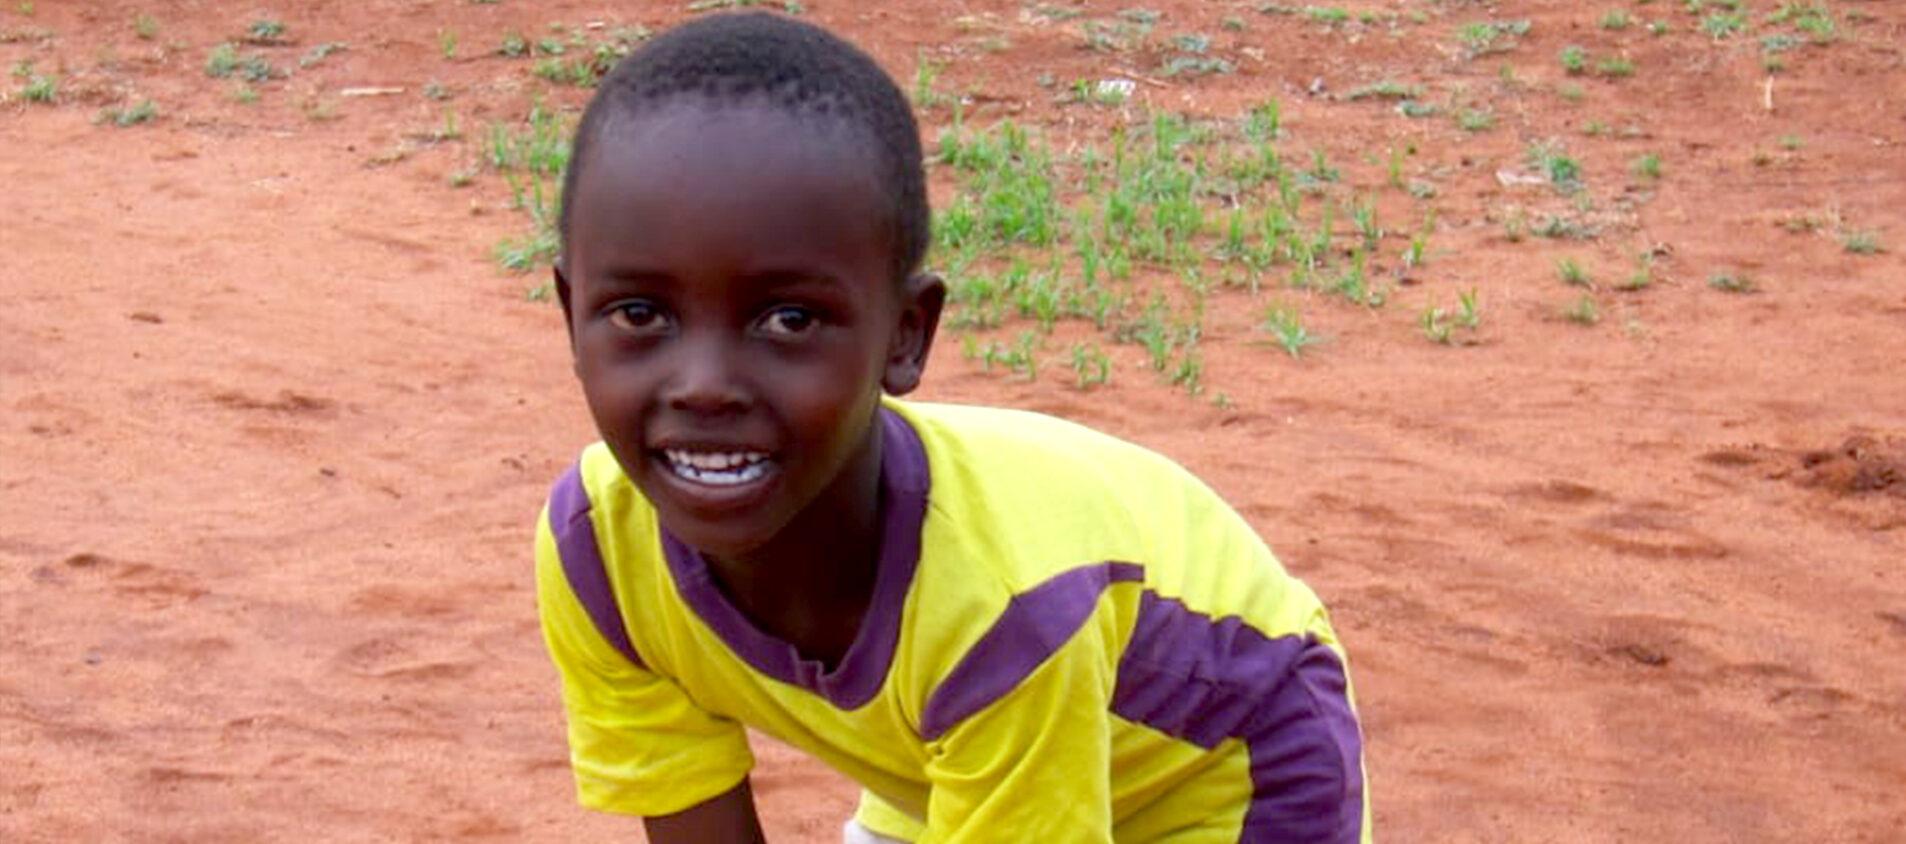 Mpapayio vill bli familjehem när han blir stor.